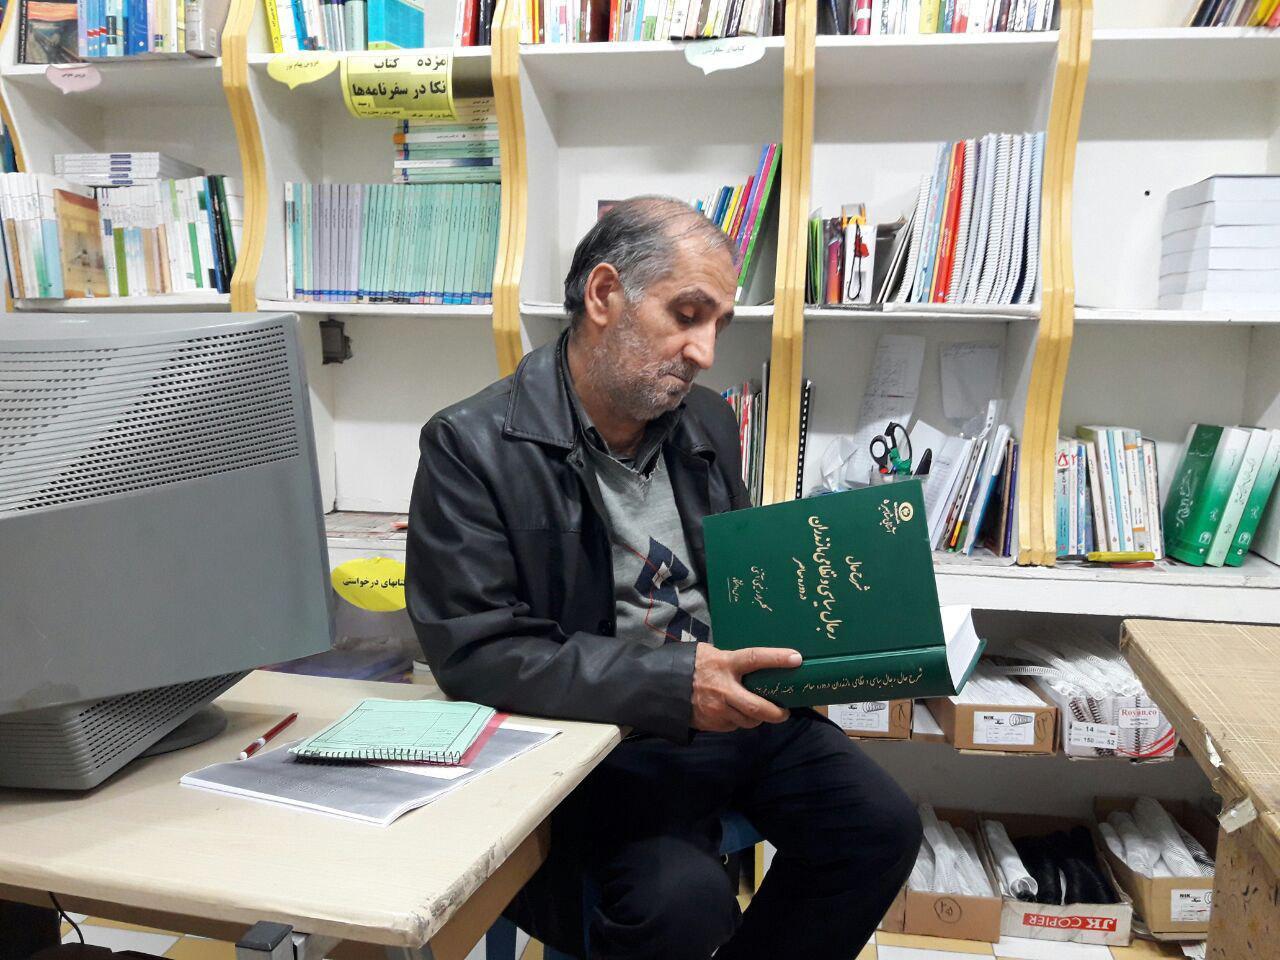 معرفی محقّق و مدرّس نمونه کشوری، گلبرار رئیسی آتنی + تصاویر